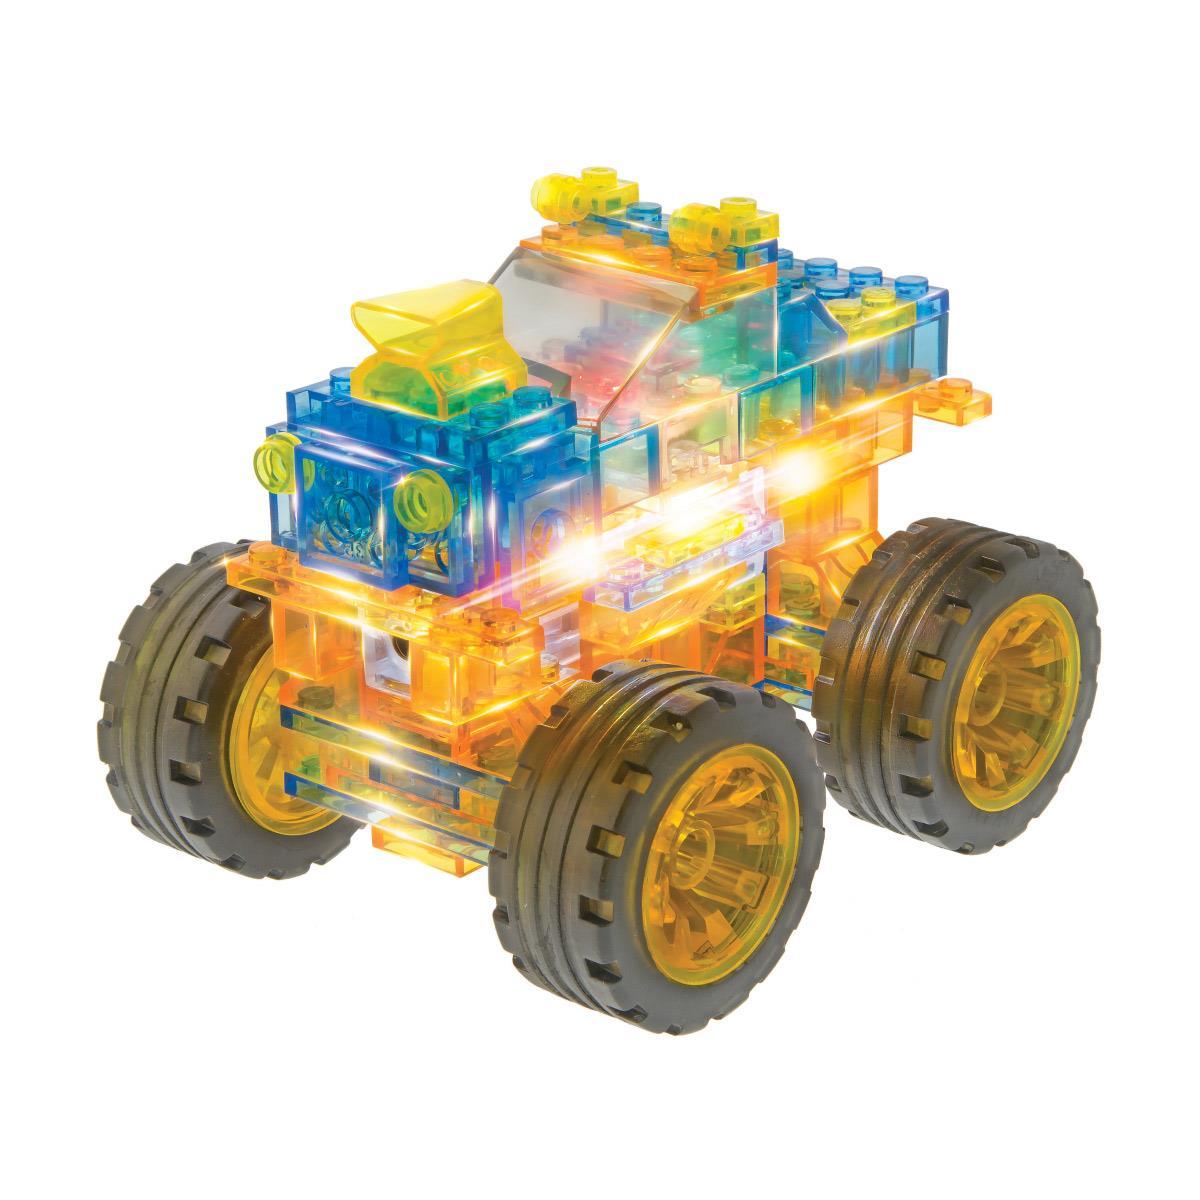 Świecące klocki Laser Pegs - Seria 27 produktów